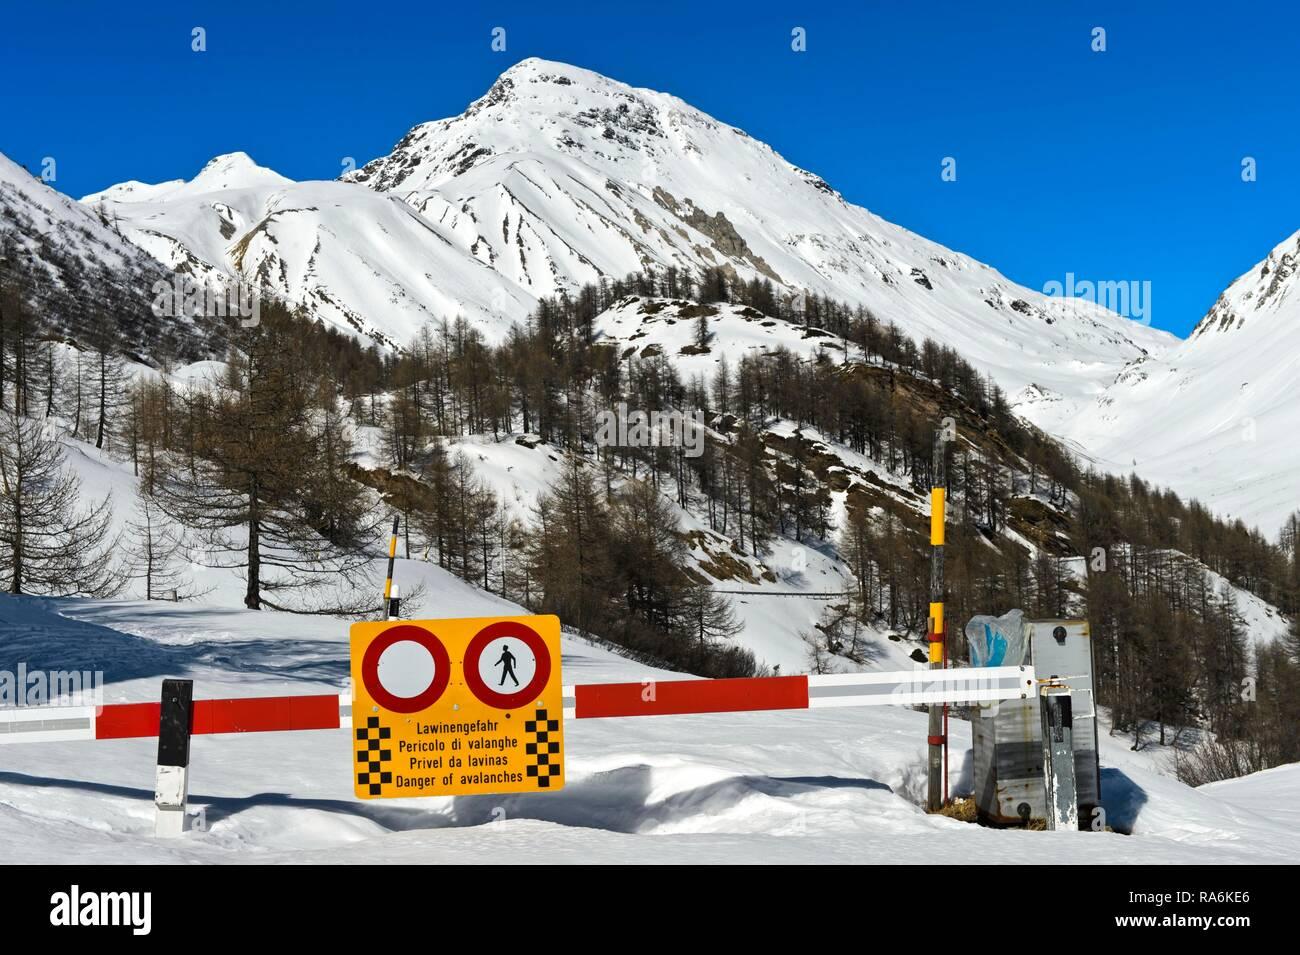 Winter closure of the roads between La Motta and Livigno over the Pass Forcola di Livigno due to avalanche danger, La Motta - Stock Image